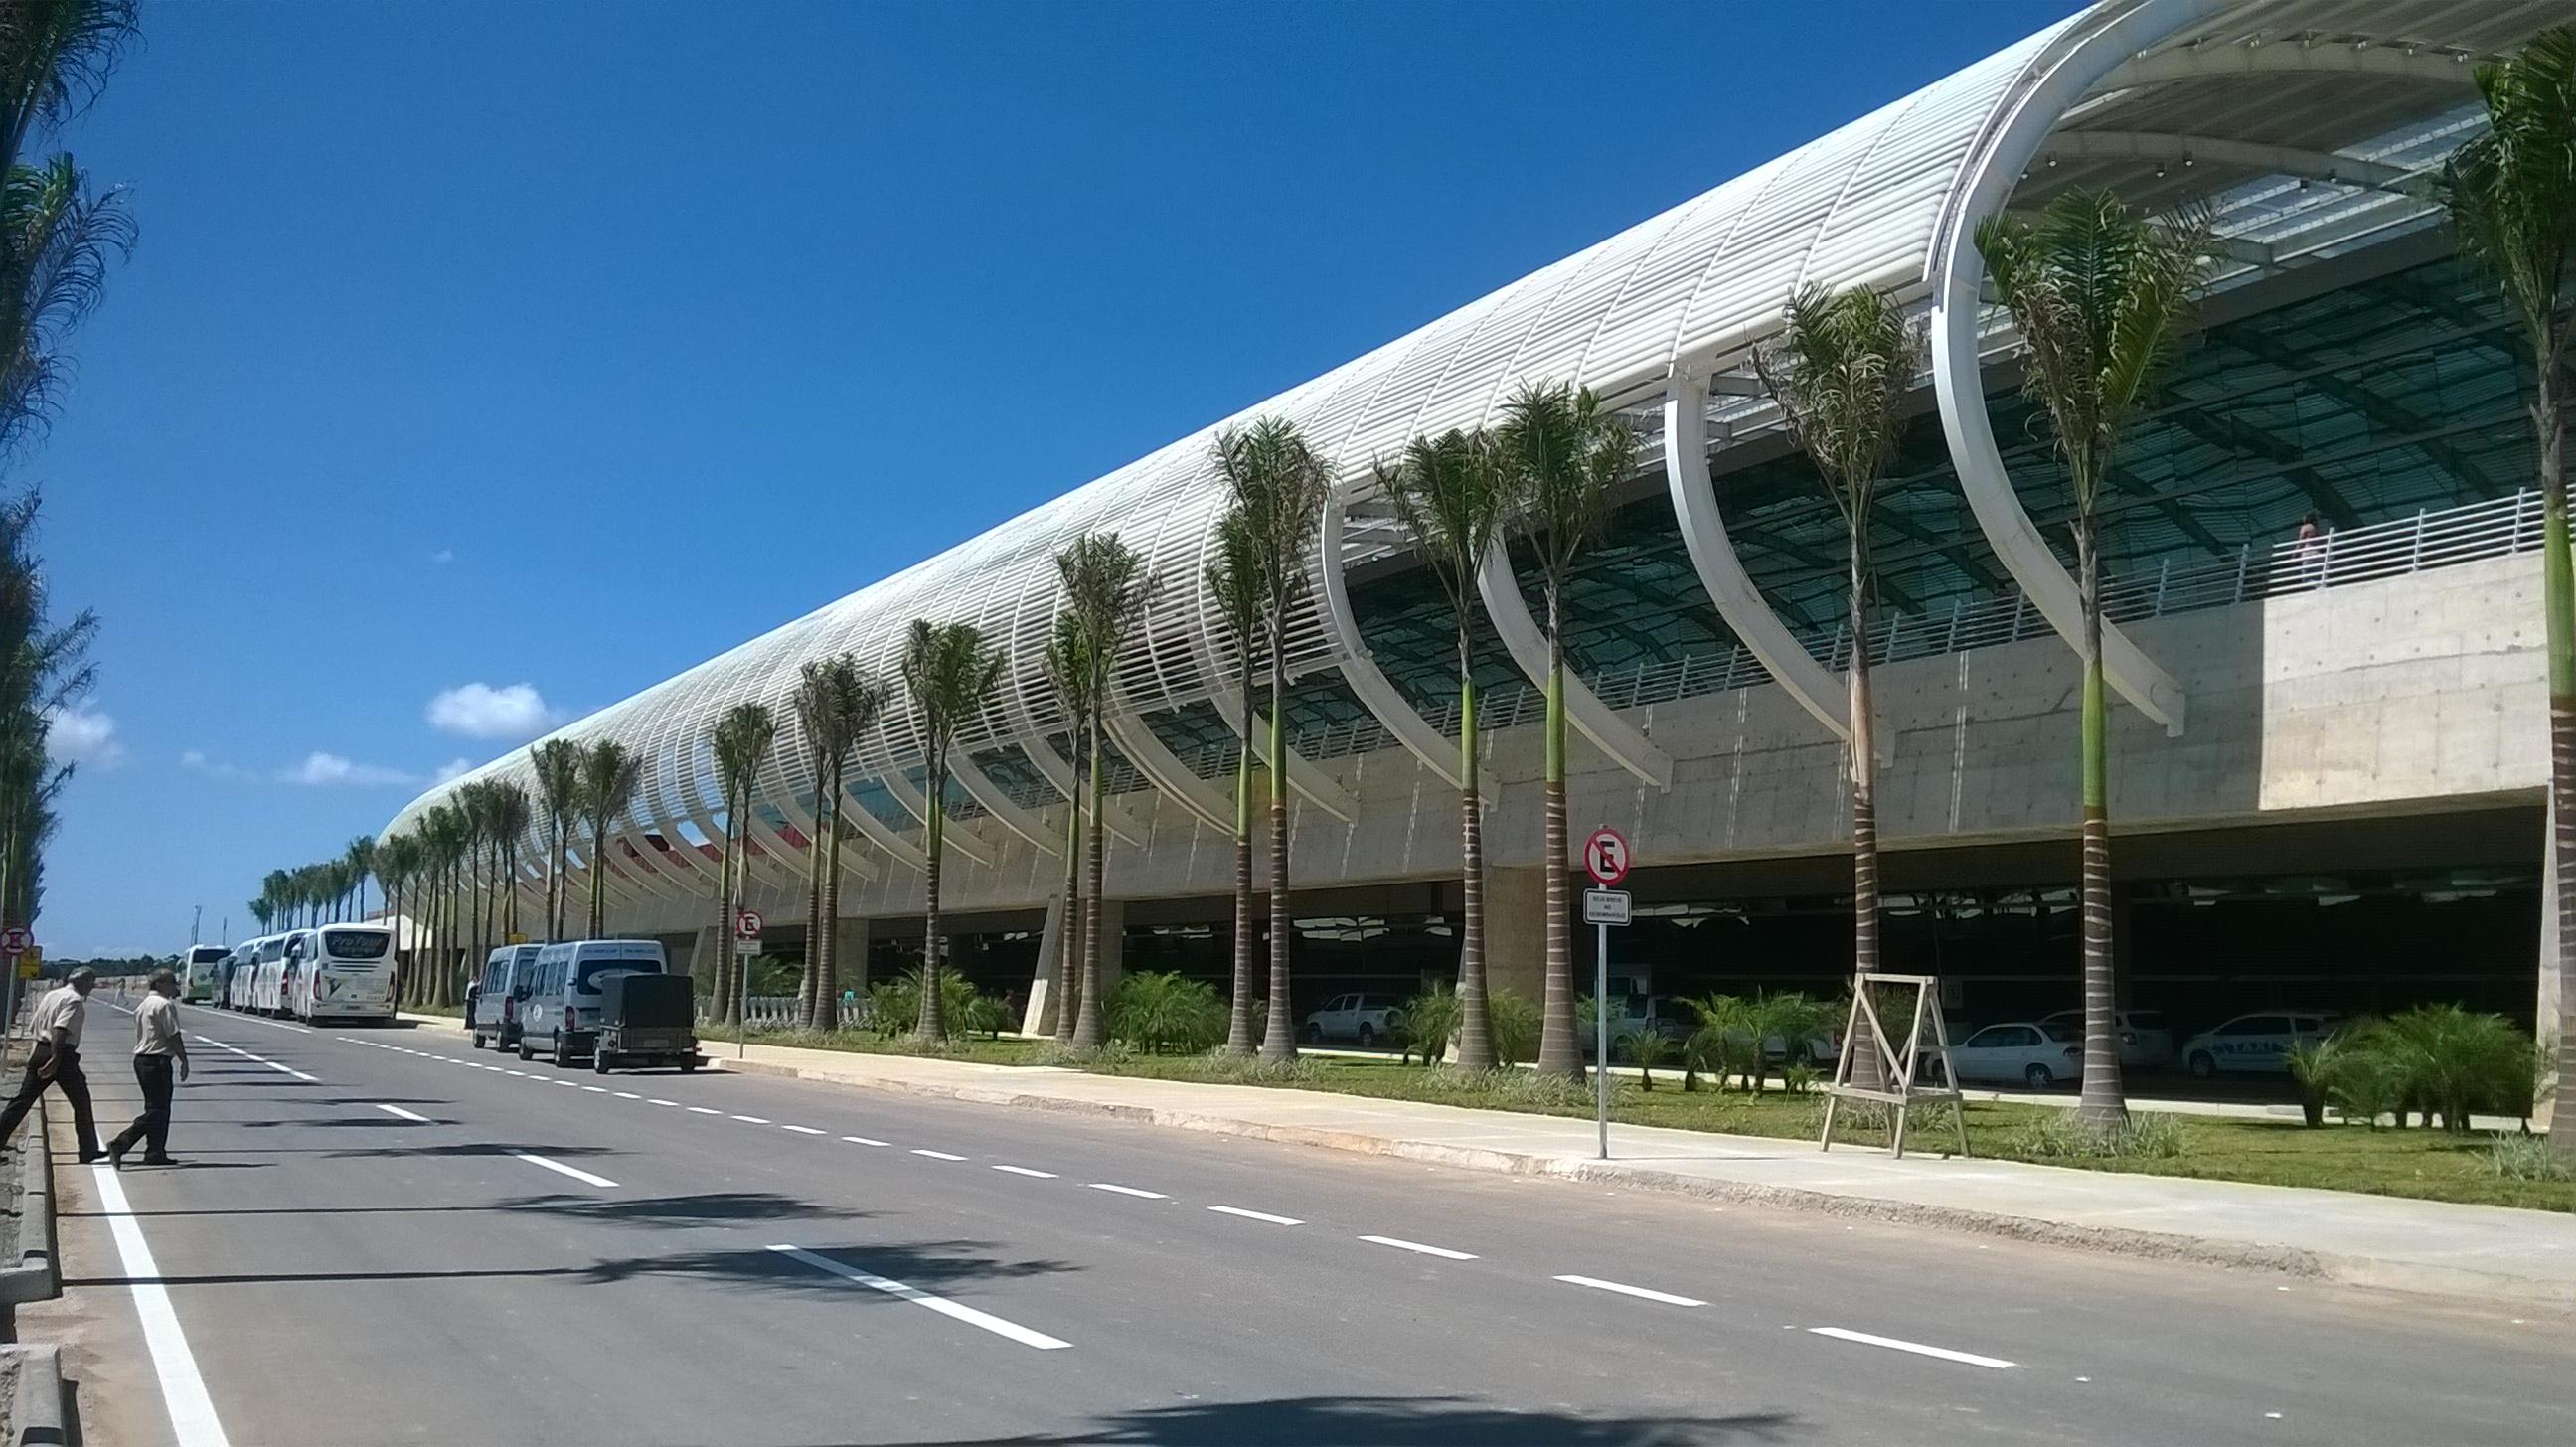 Juizado do Aeroporto tem demanda ampliada em 2017